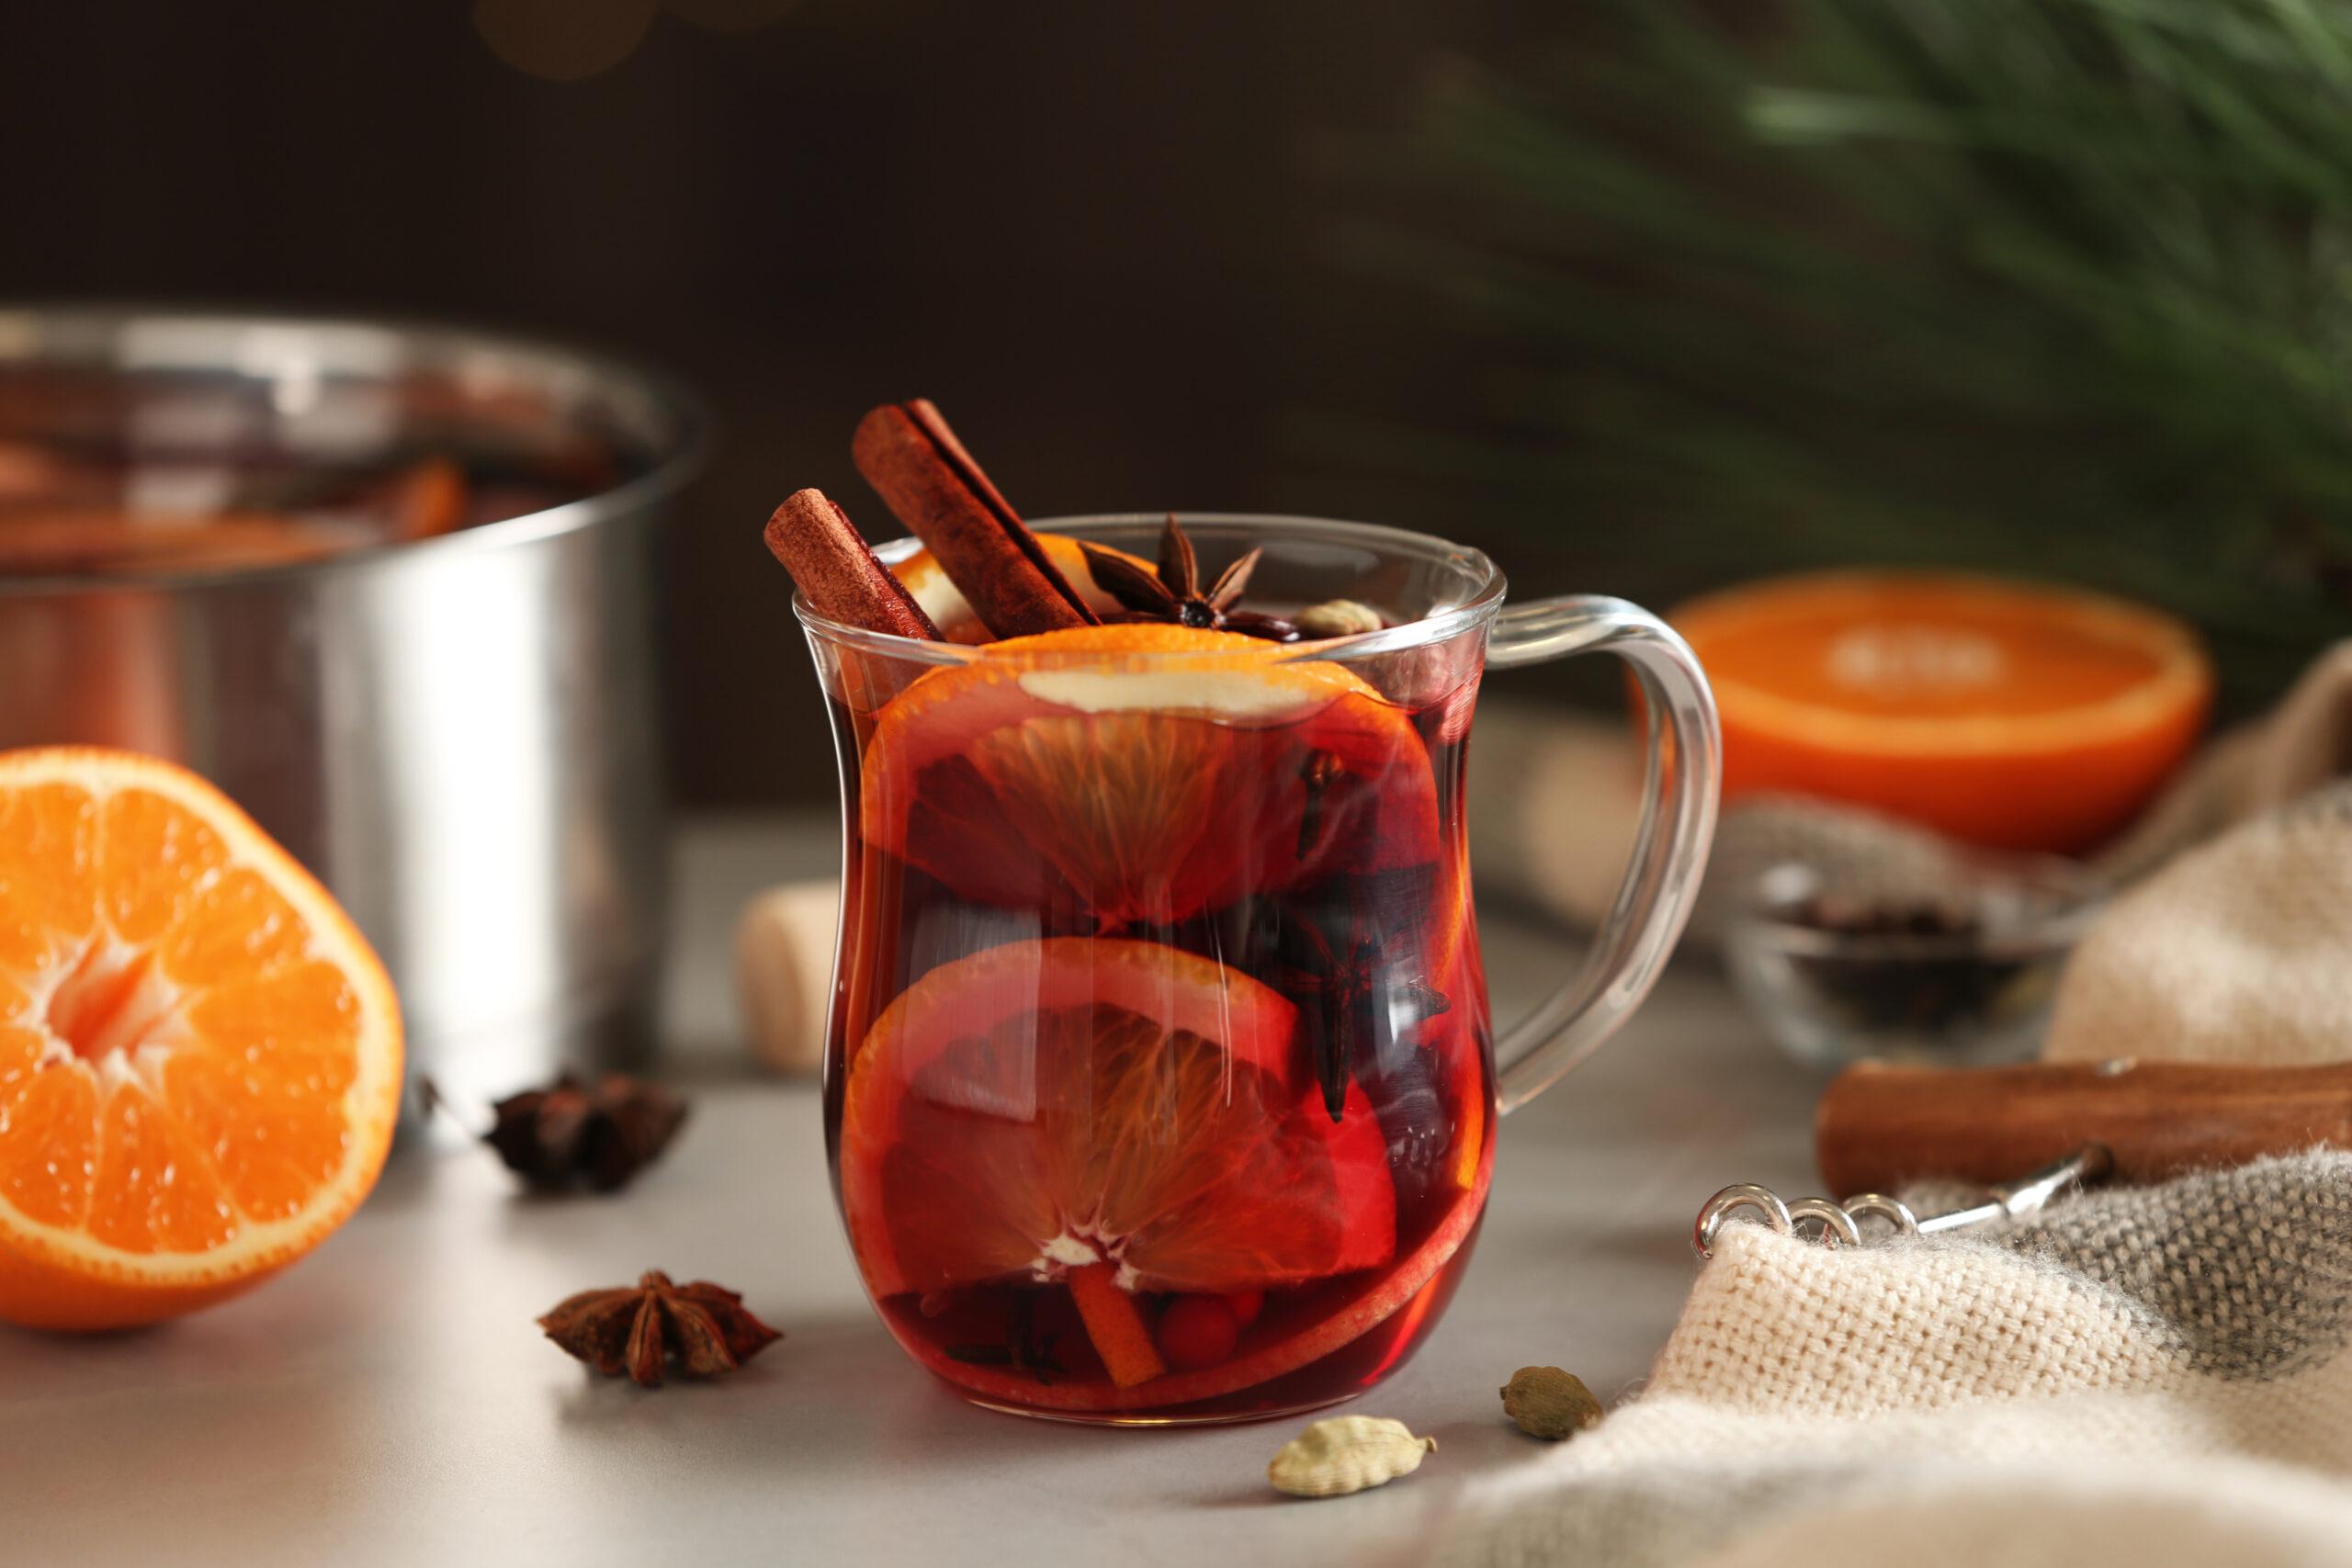 Глинтвейн рецепт приготовления в домашних условиях из красного вина